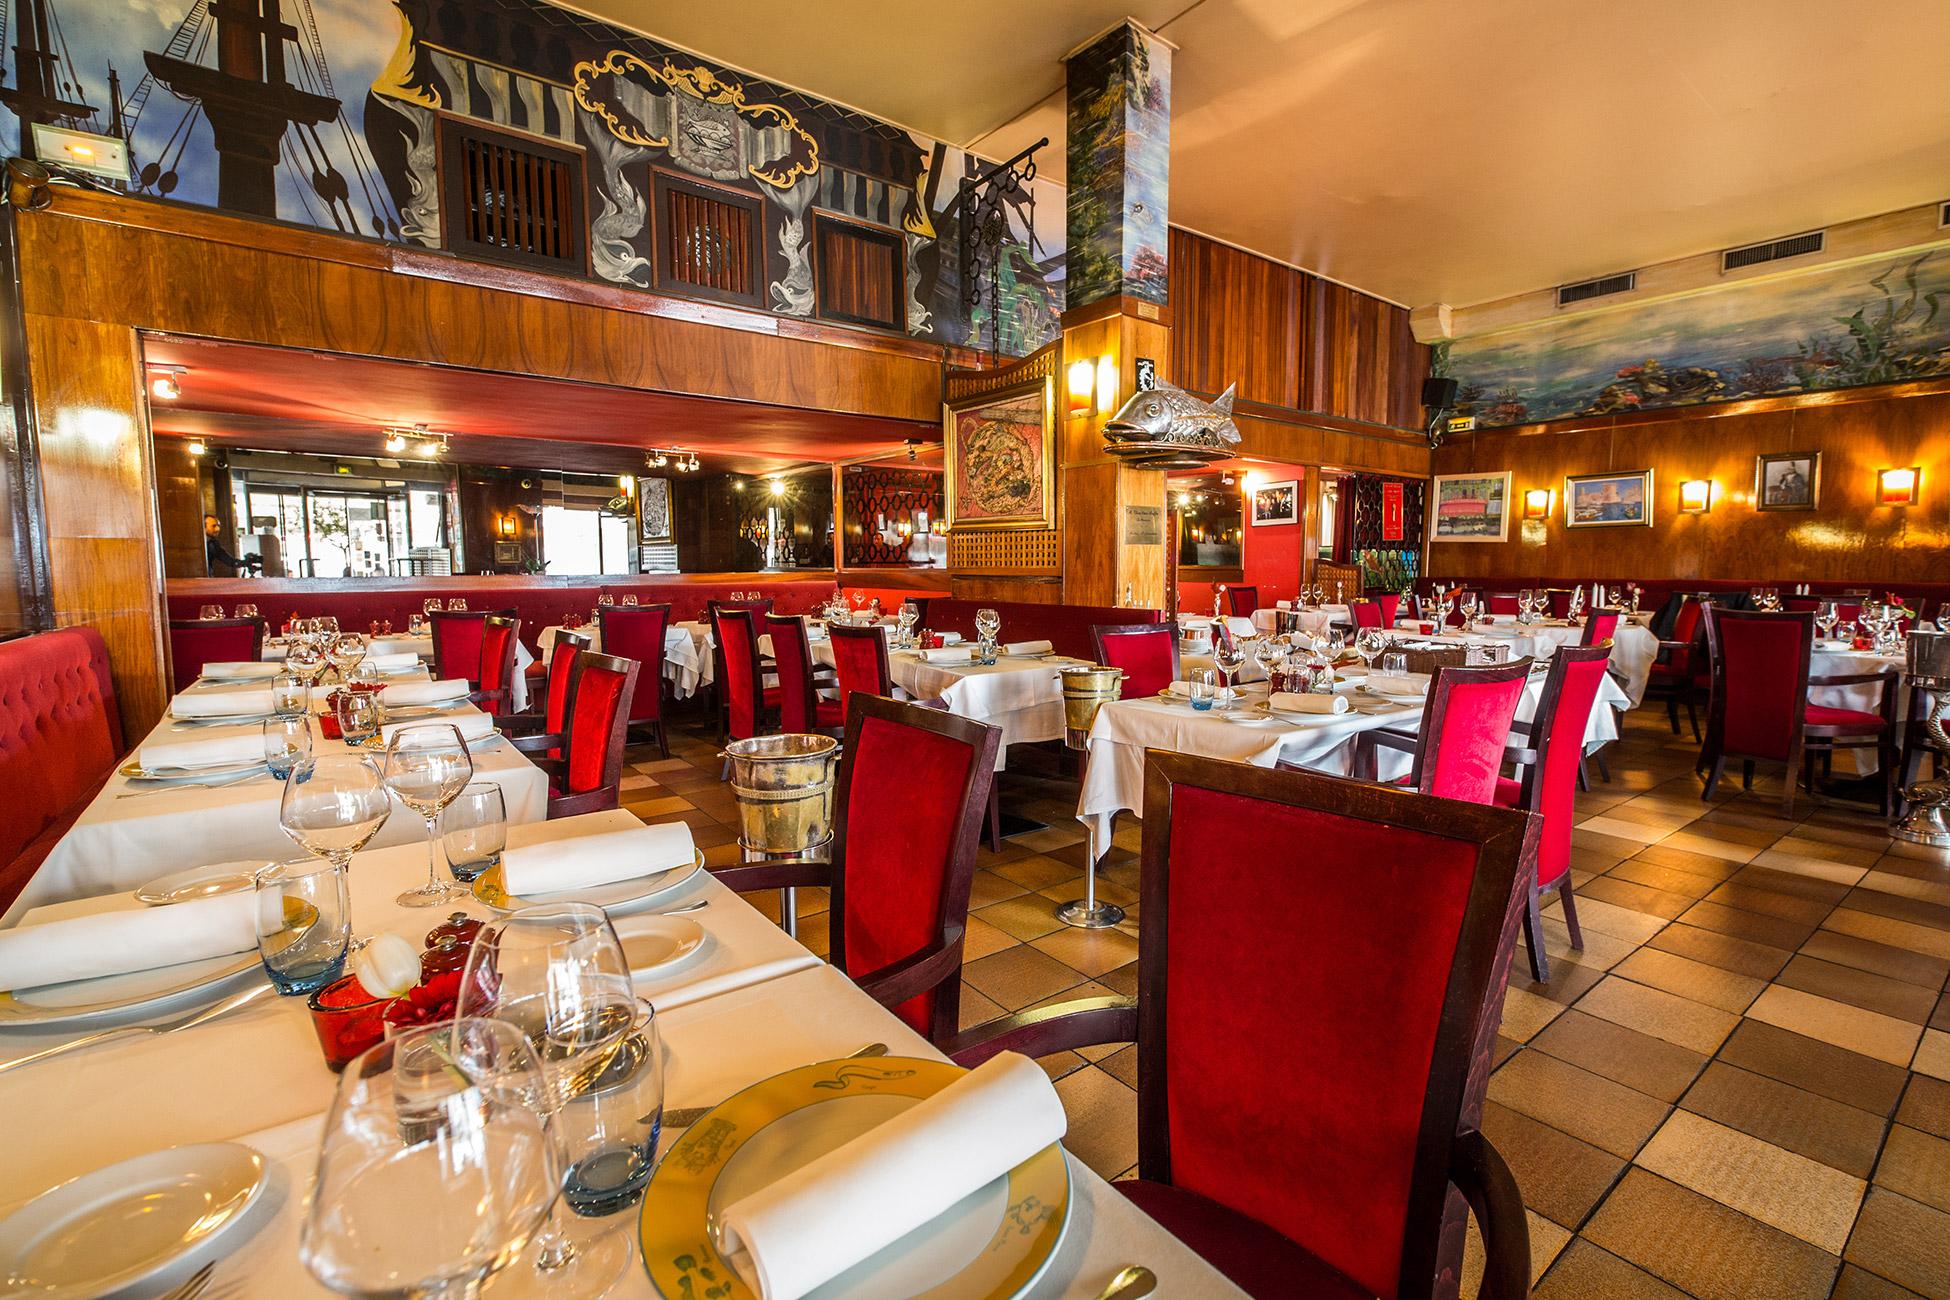 Miramar restaurant gastronomique marseille membre fondateur de la charte de la bouillabaisse - Restaurant bouillabaisse marseille vieux port ...